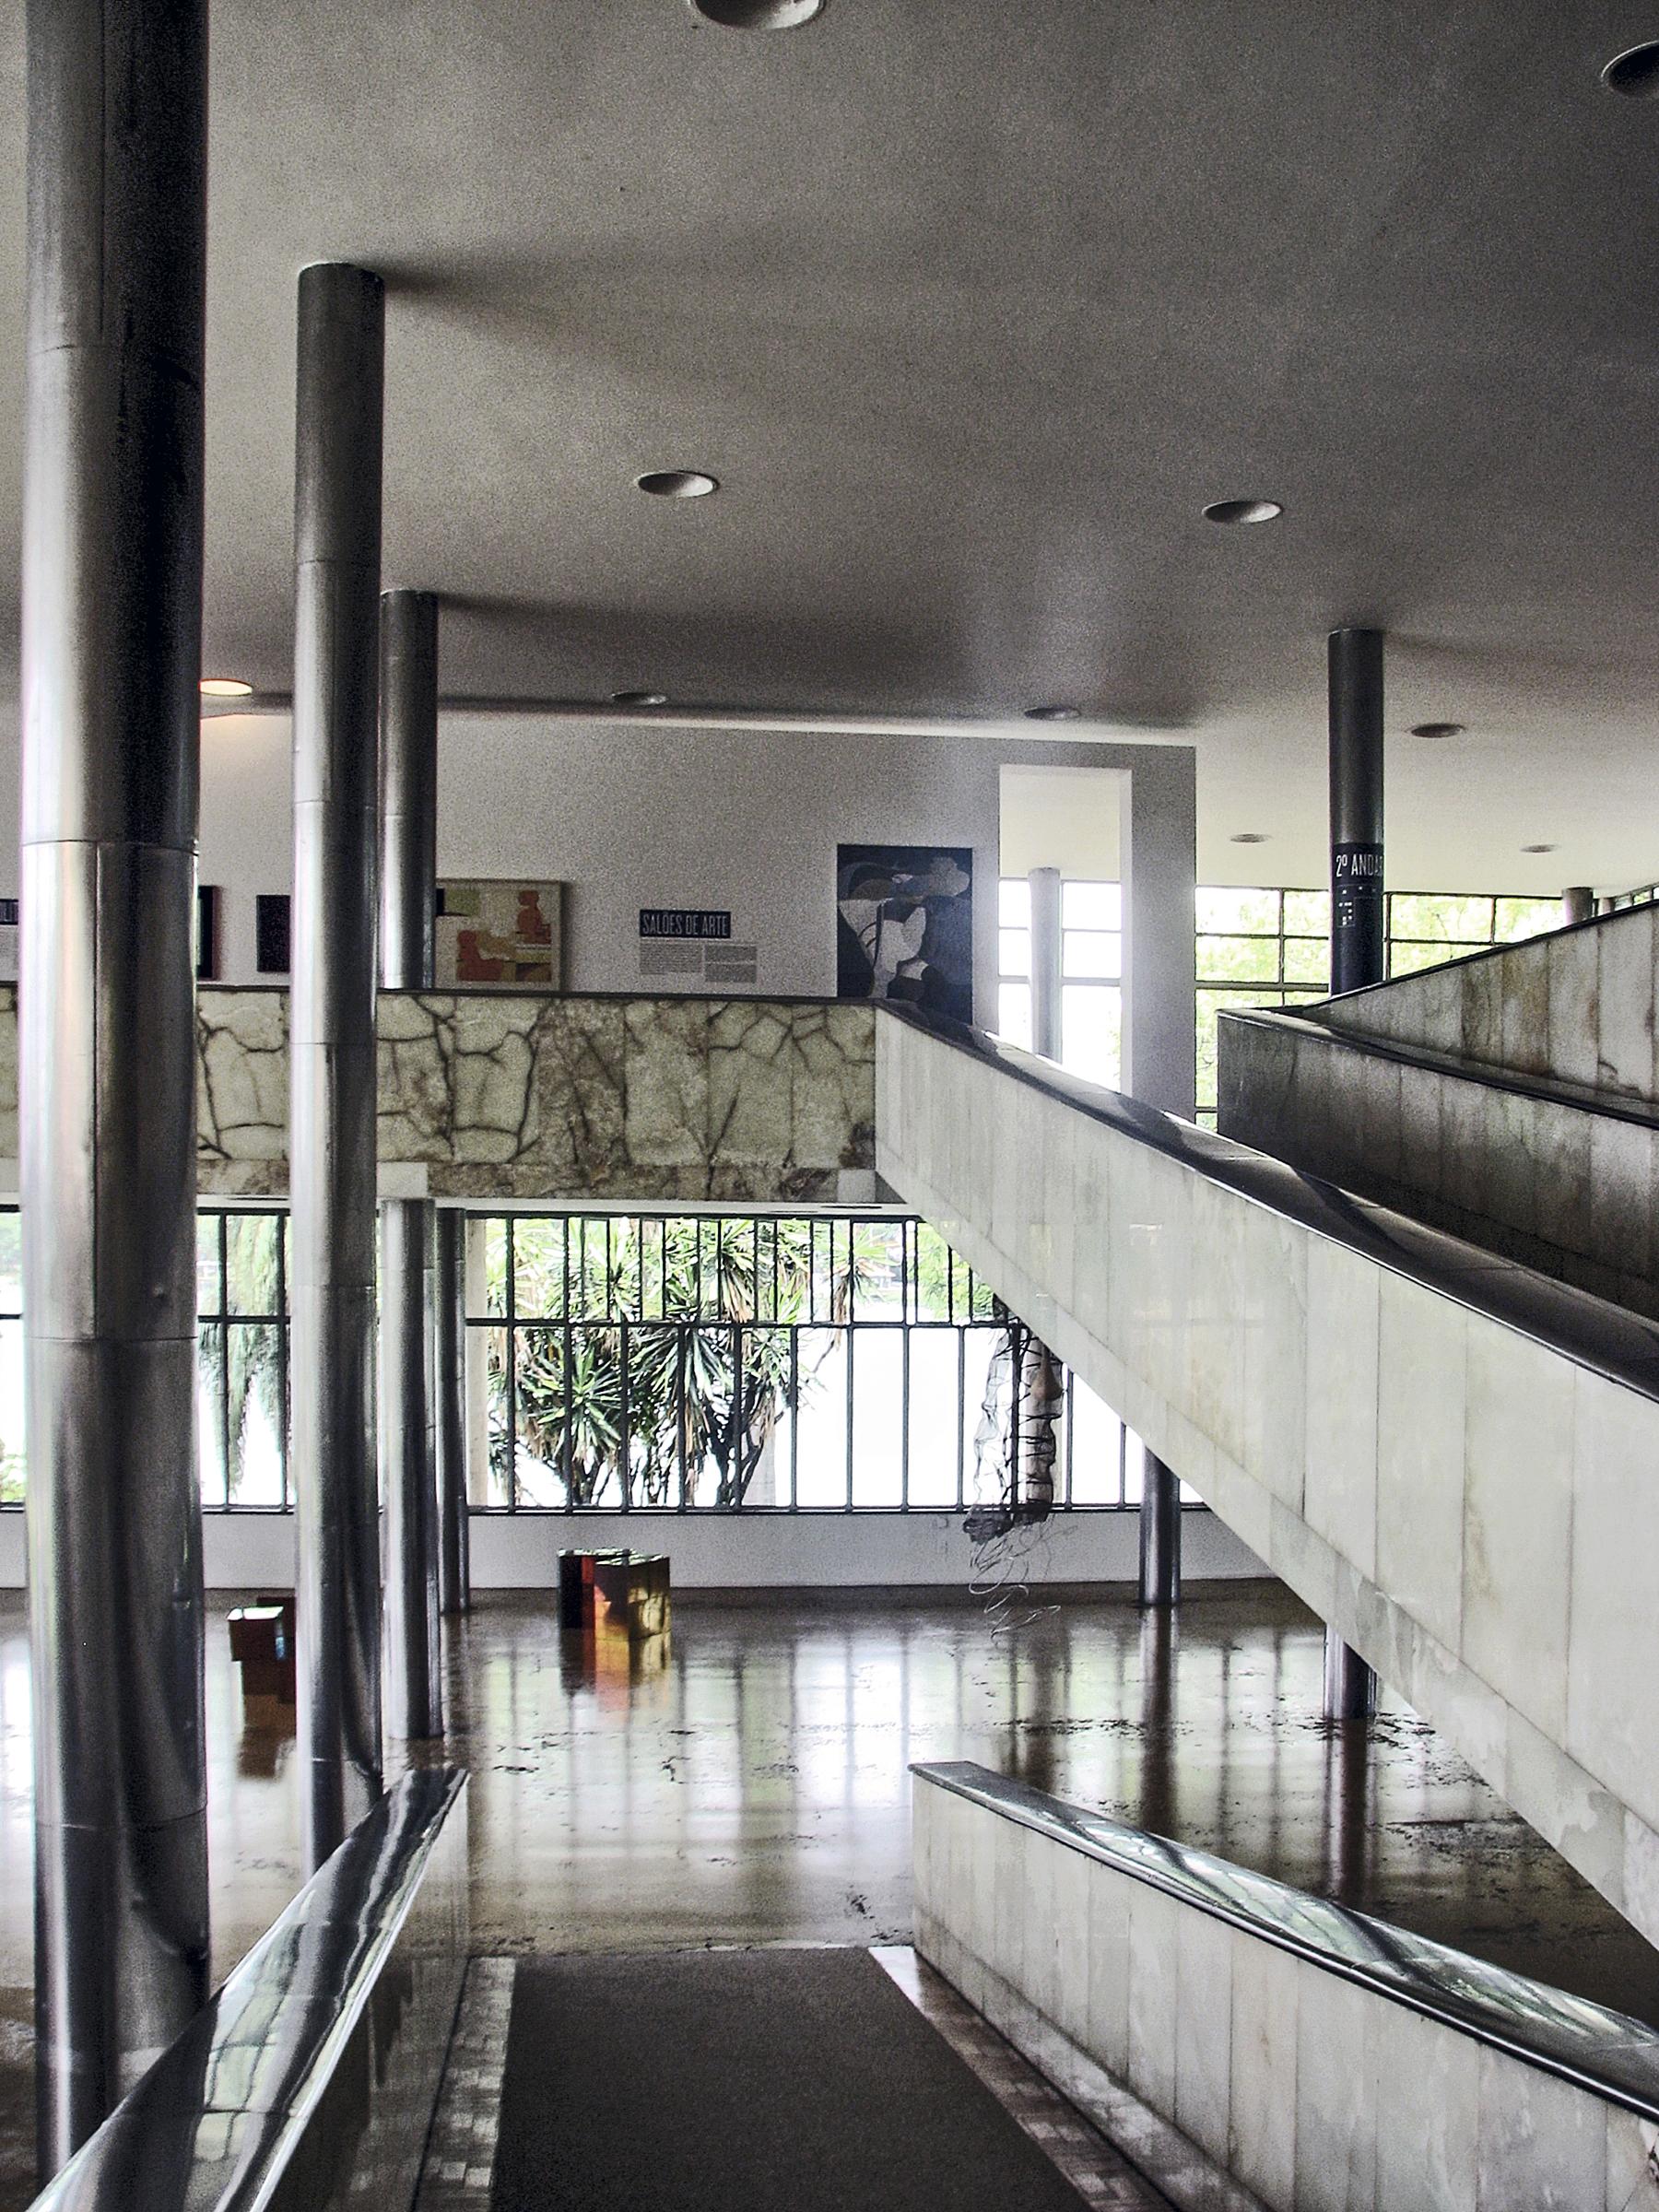 Museu de Arte da Pampulha, Belo Horizonte, Minas Gerais, Brasil